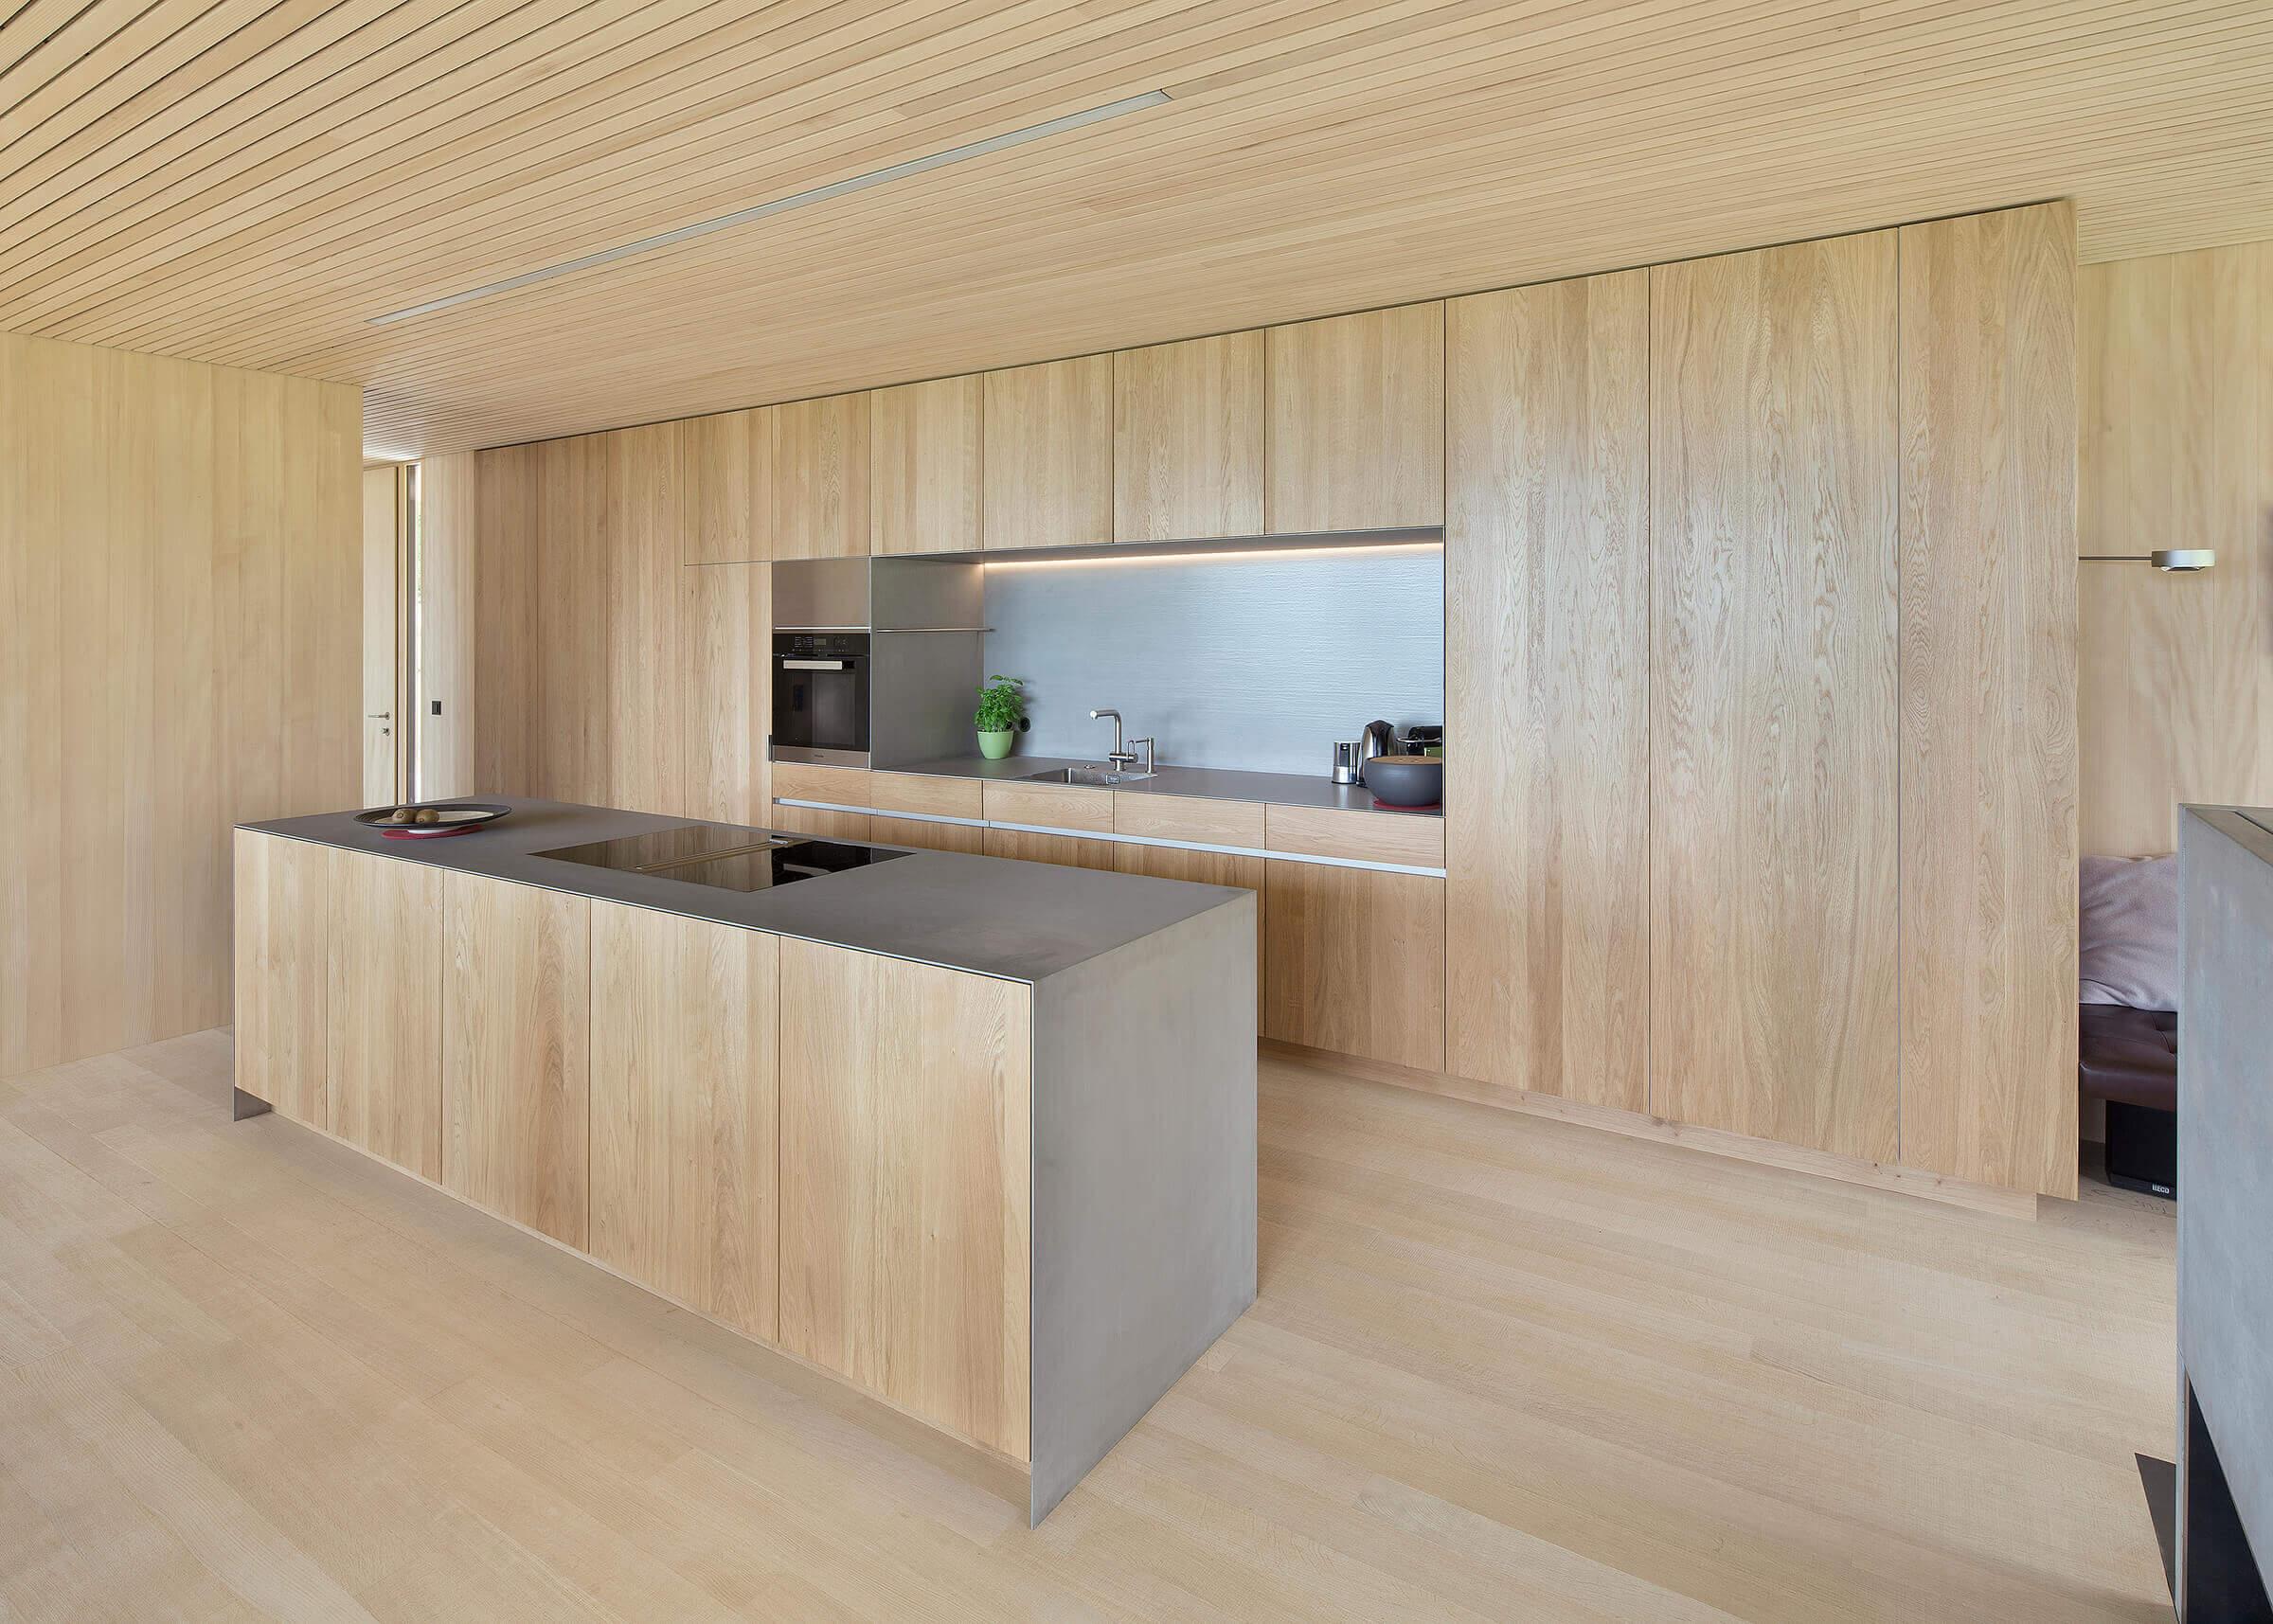 Full Size of Ikea Sofa Mit Schlaffunktion Miniküche Küche Kosten Betten Bei Kaufen 160x200 Modulküche Wohnzimmer Kücheninseln Ikea